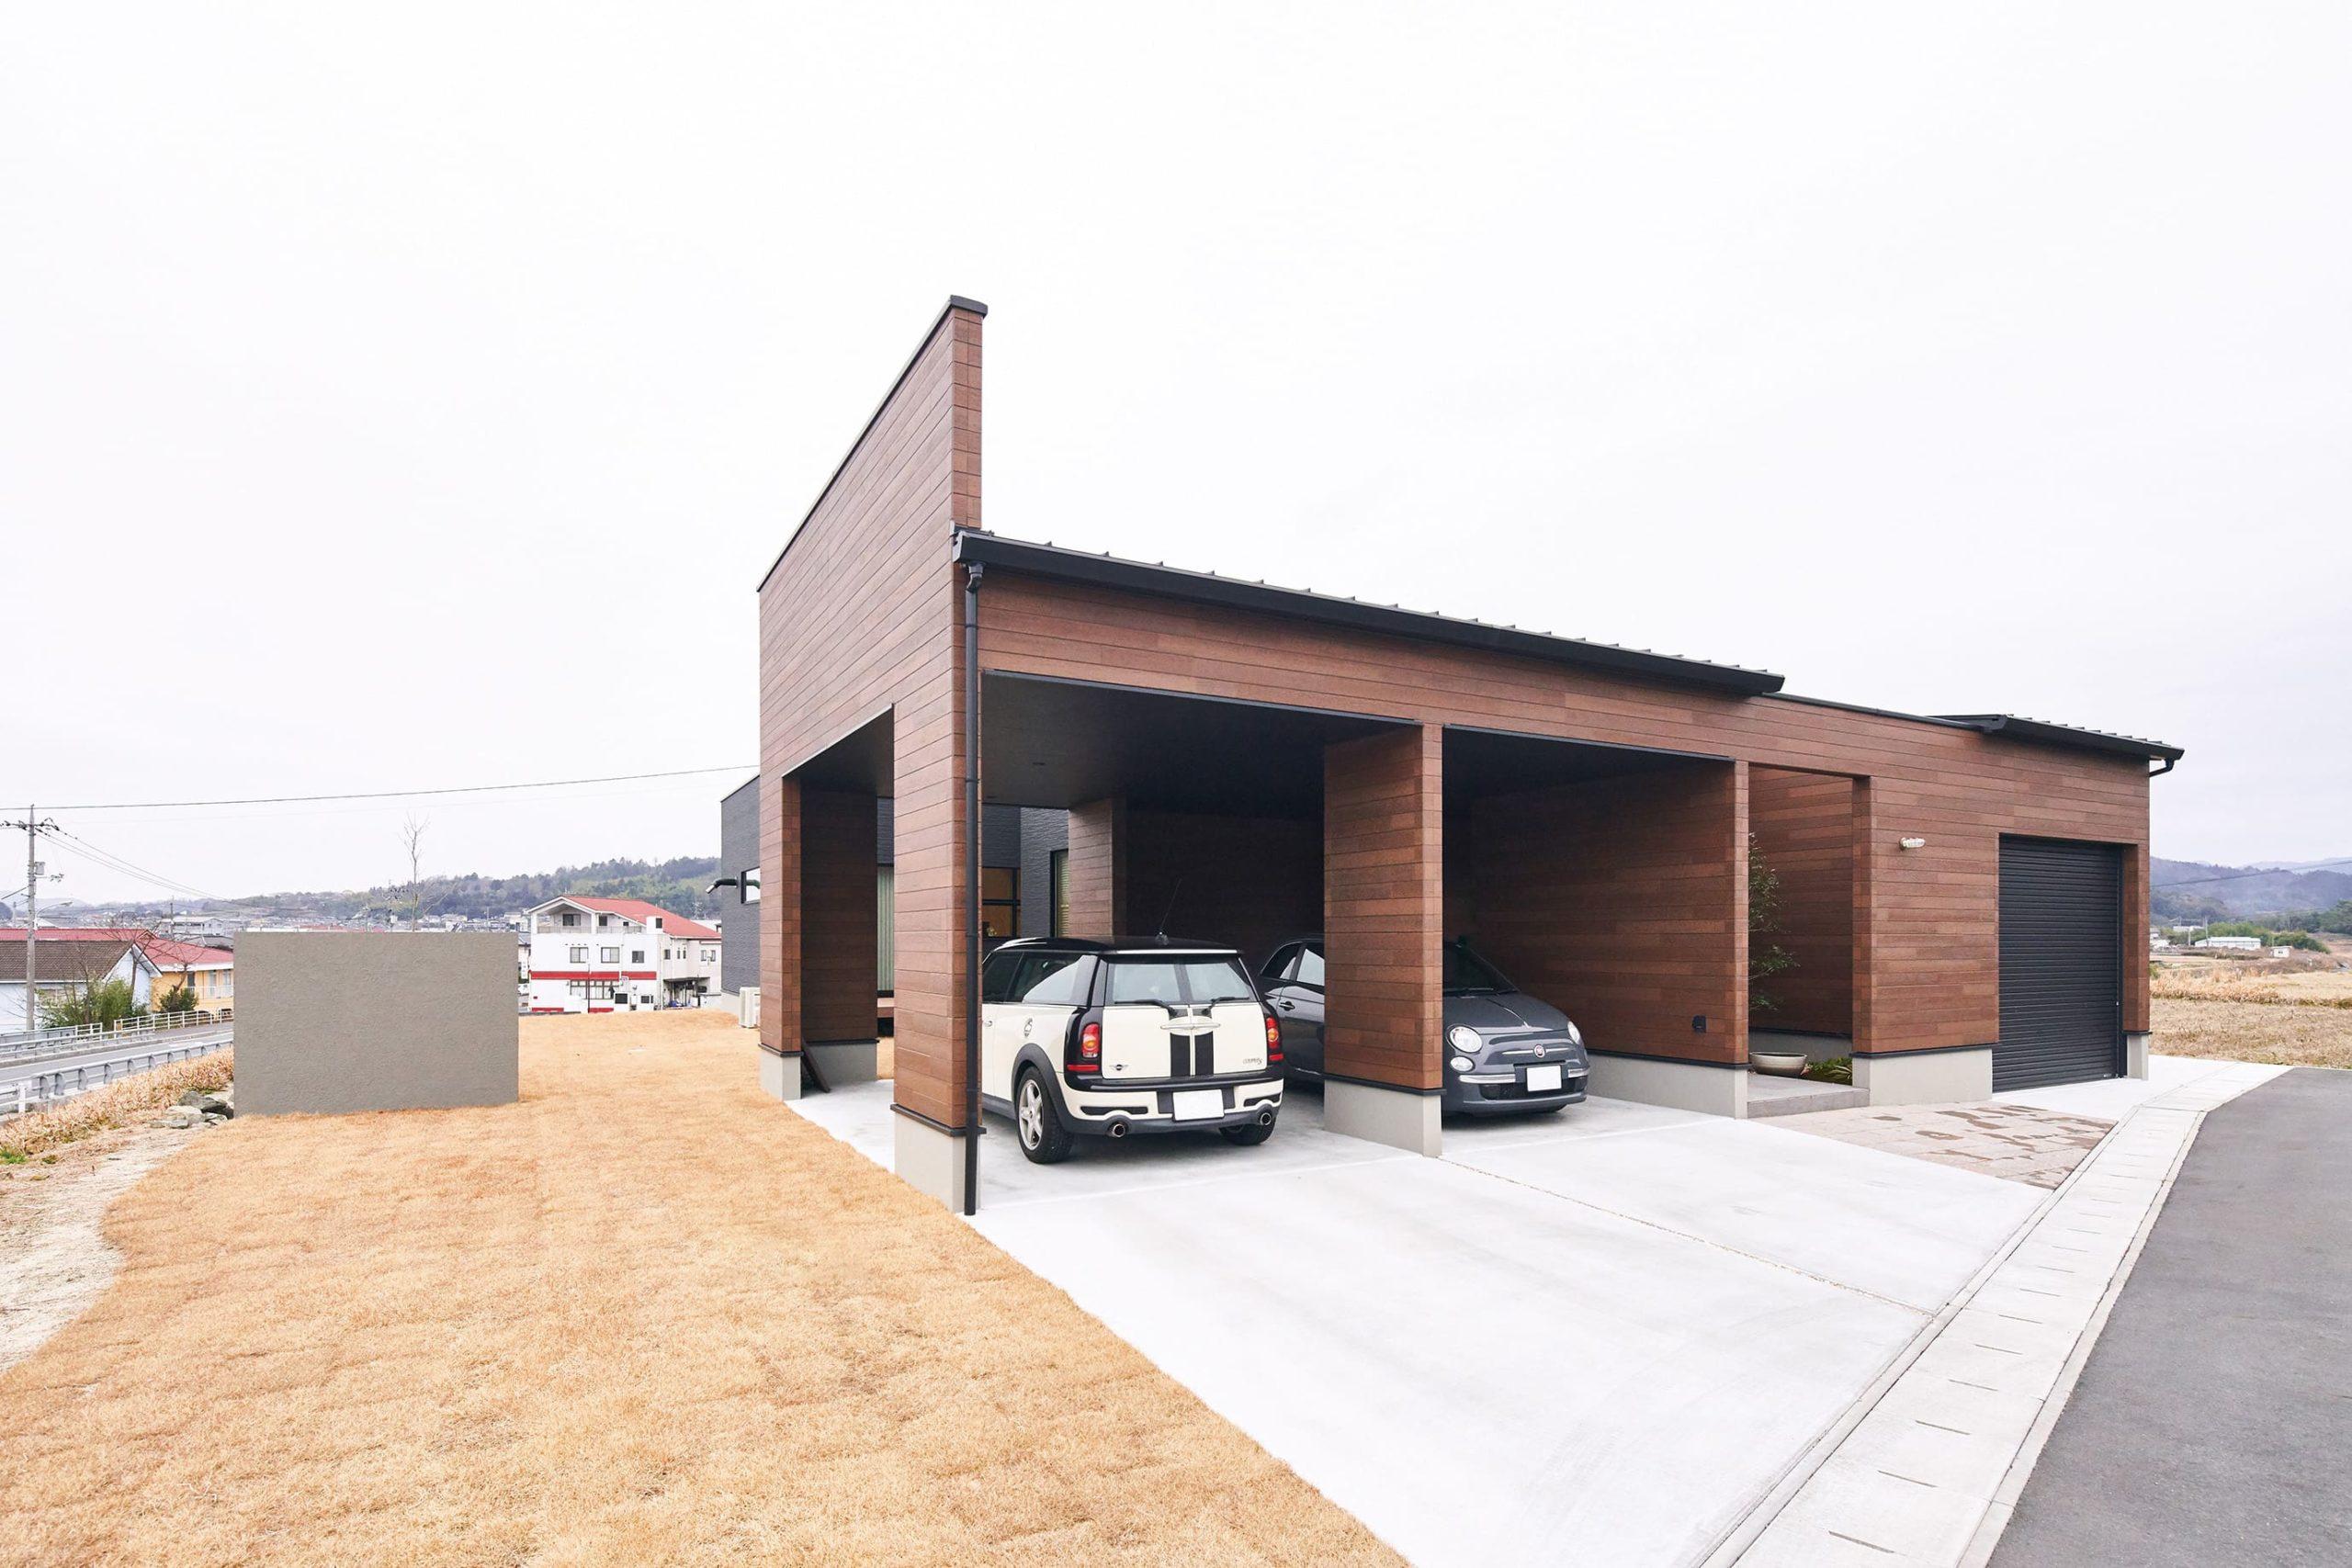 保管するビンテージカーと日常使いの車、それぞれの居場所をきちんとフィット。ビルトインのため塗装保護にも役立つ。